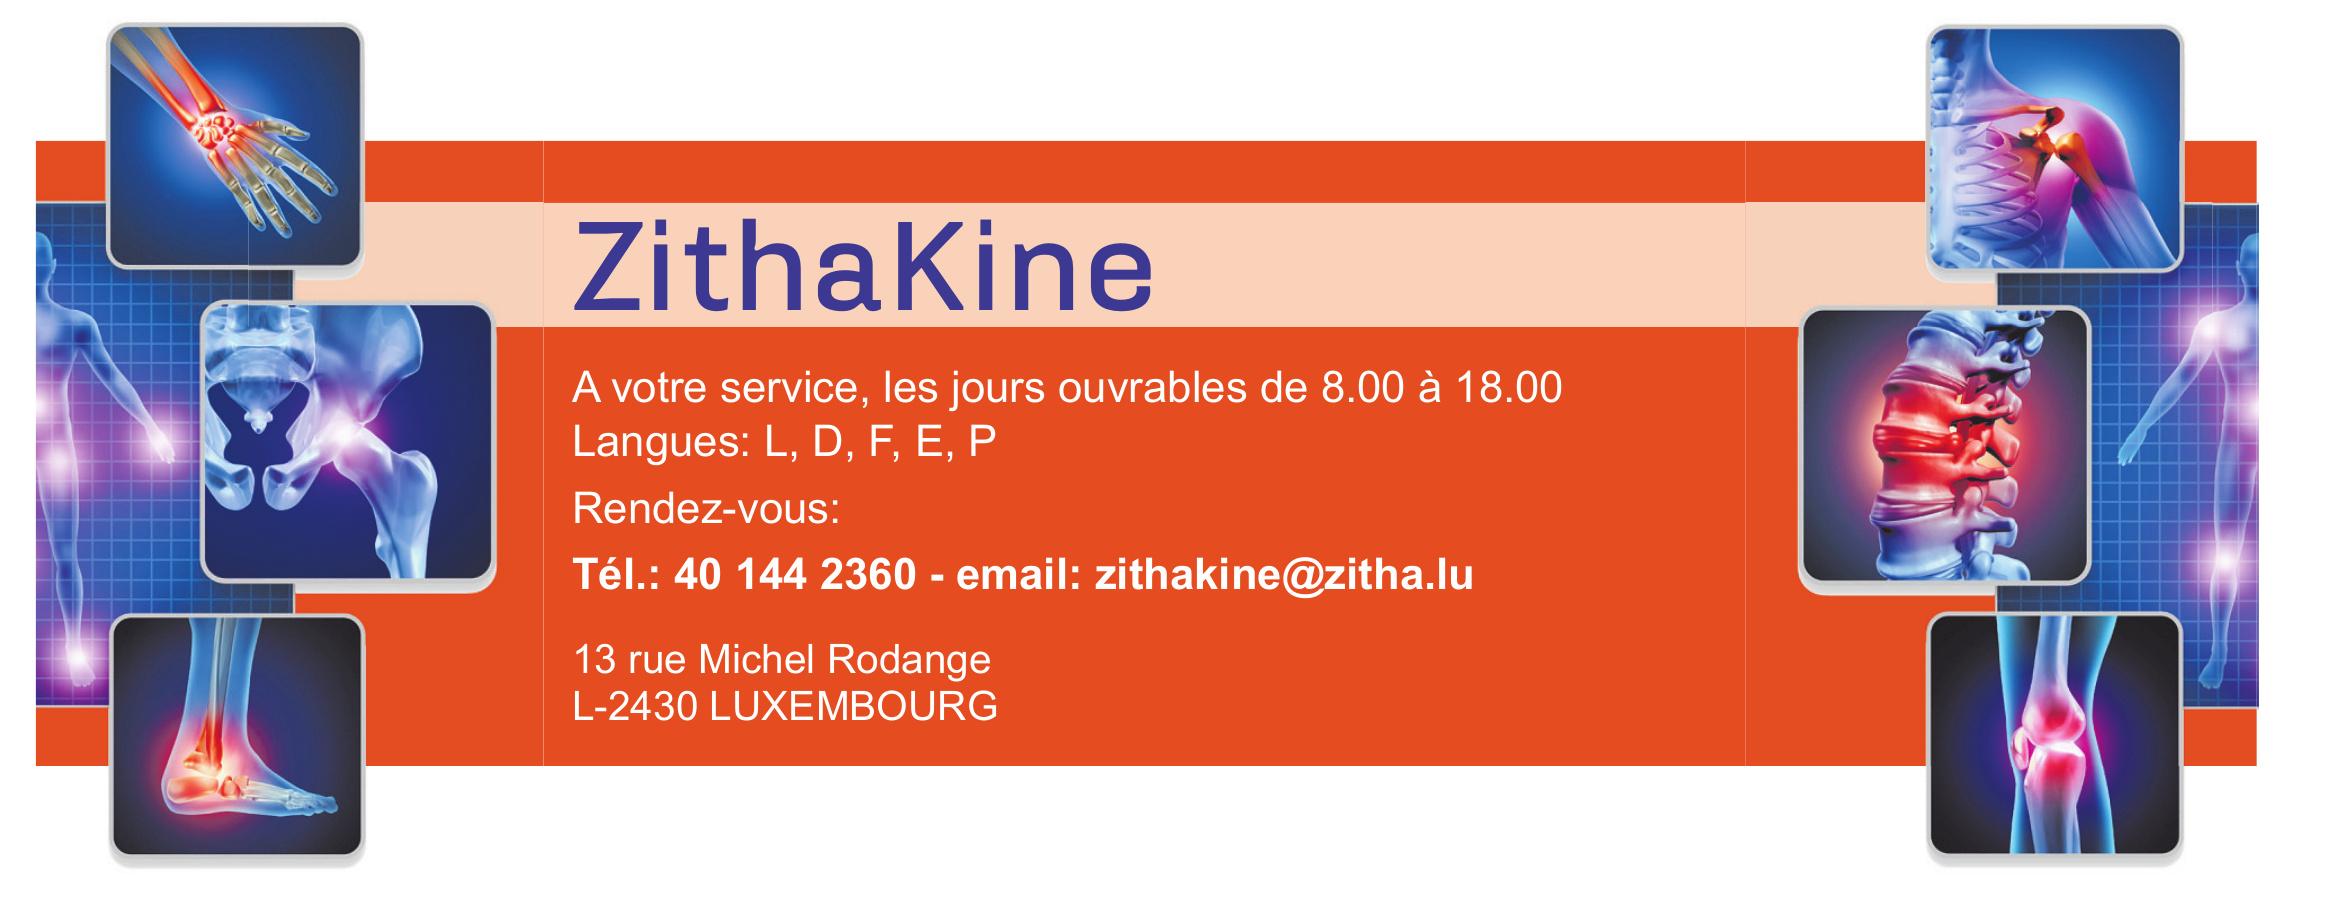 ZithaKine